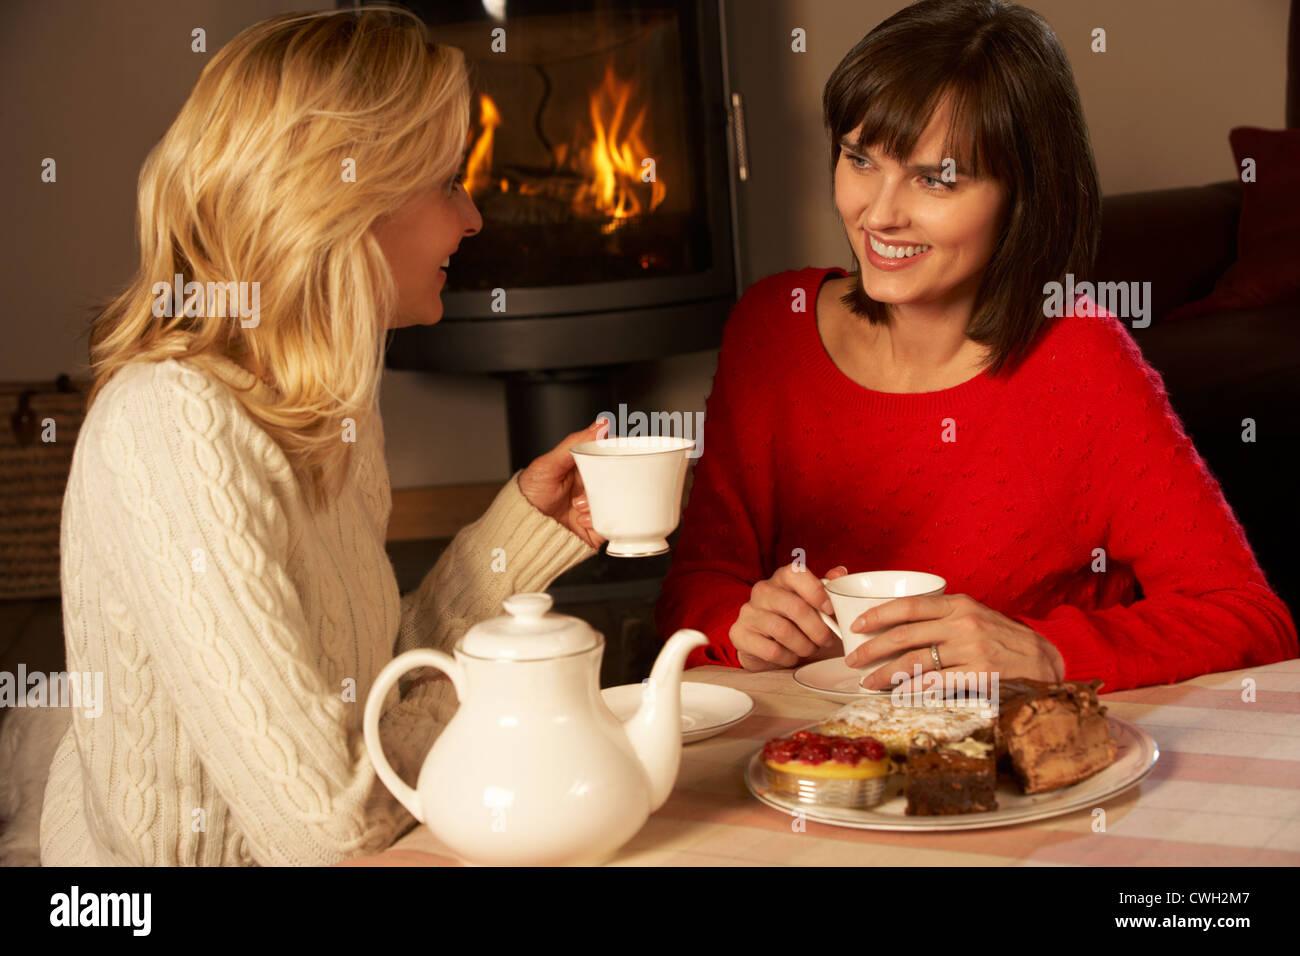 Реклама две подружки на диване пьютпиво и одна за 800 роблей грызет у другой на ноге ноктпи педикюр фото 23 фотография